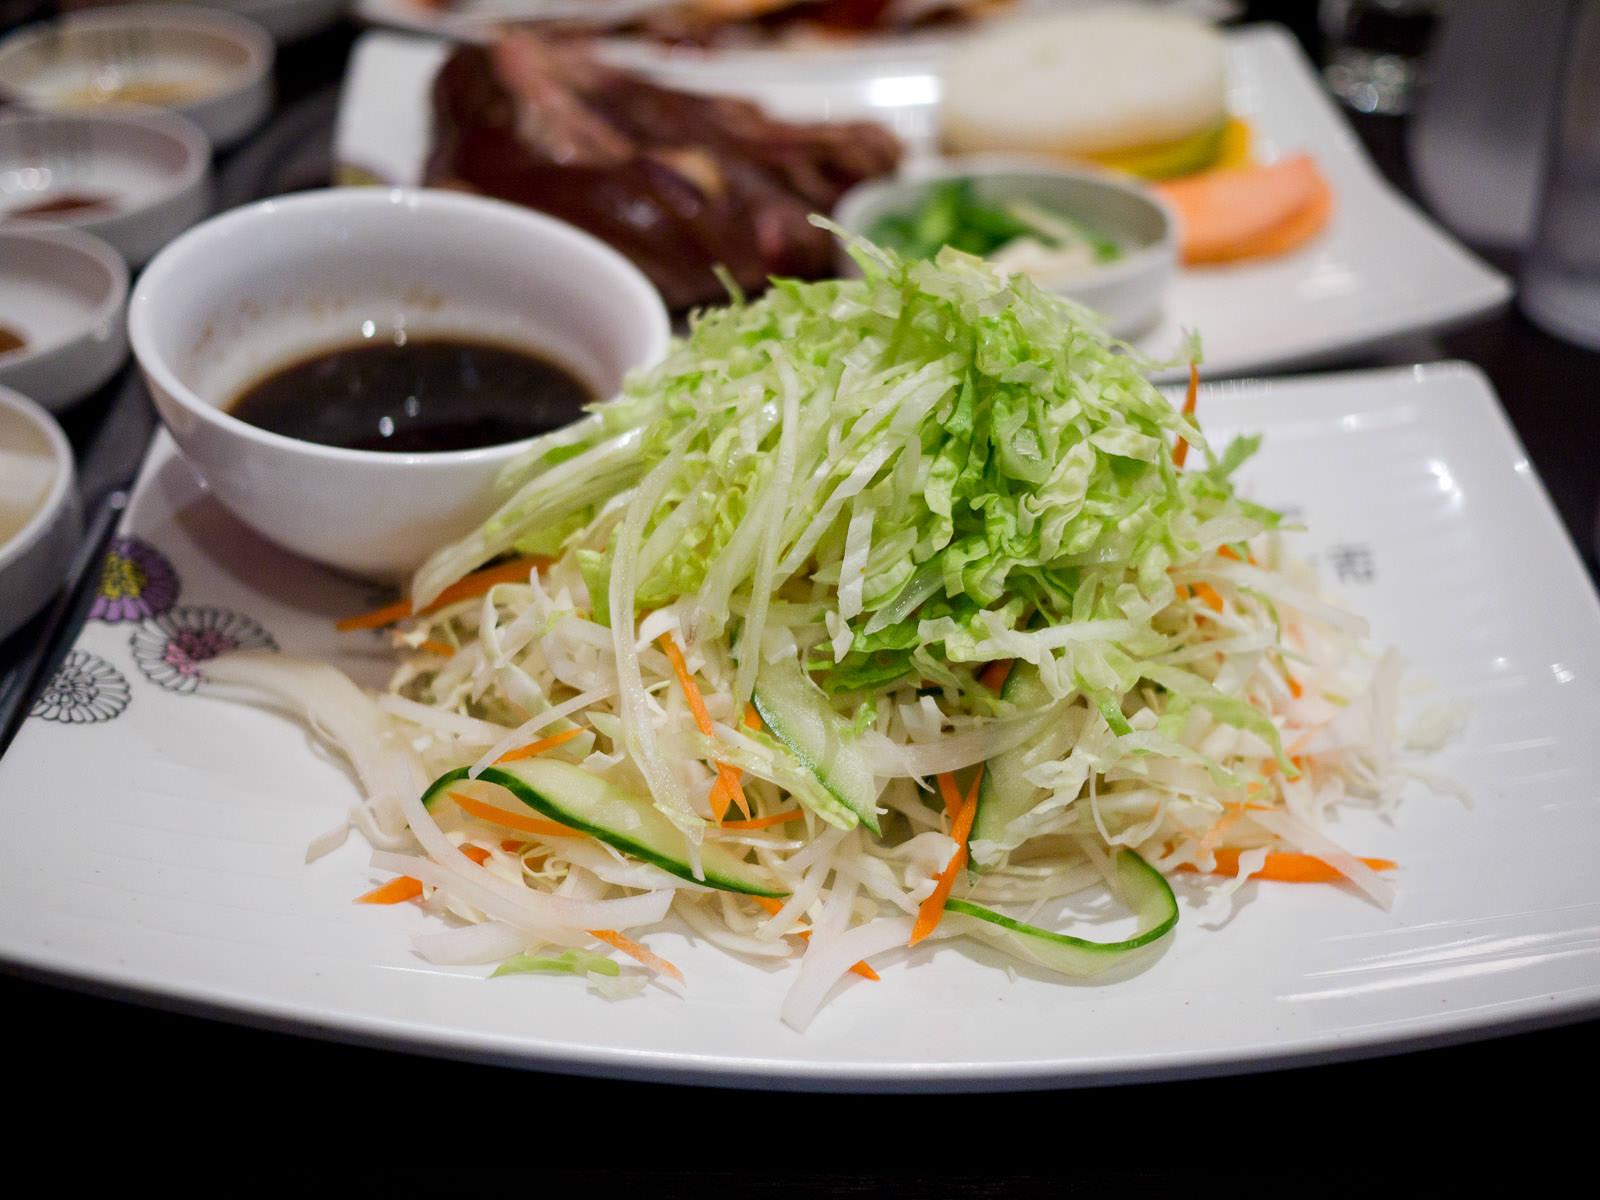 Seasoning vegetable salad (AU$5)